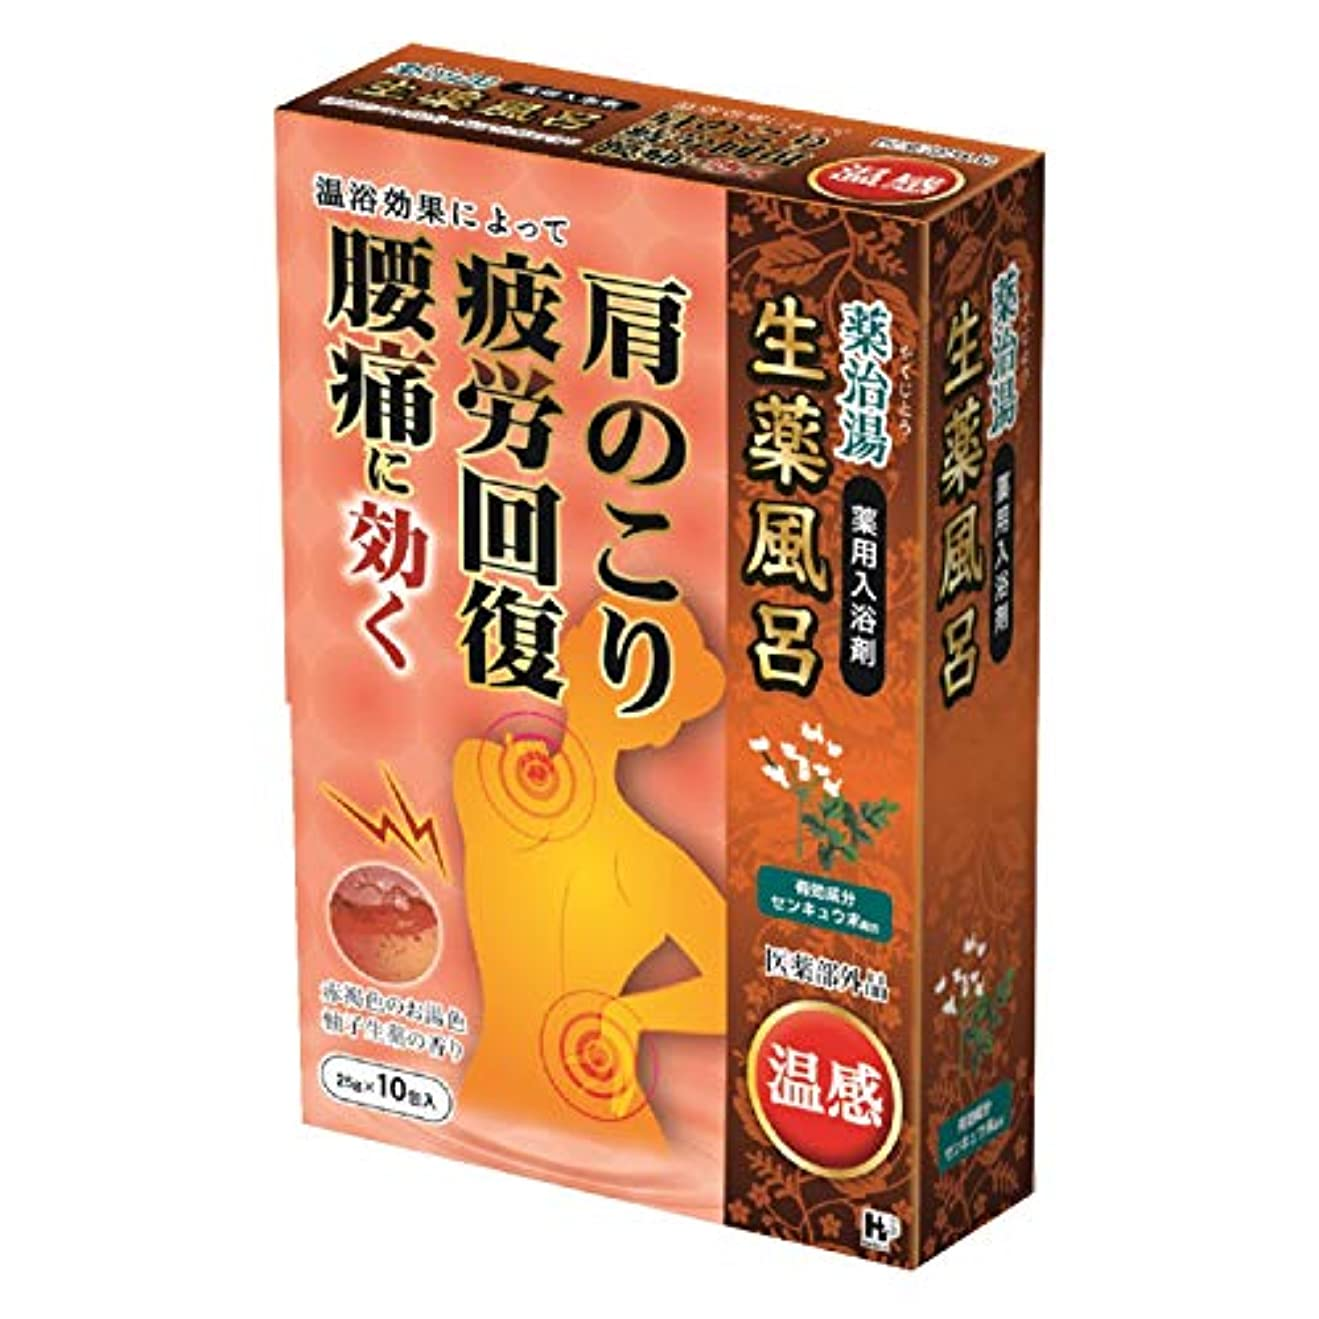 含める軸整理する薬治湯 温感 柚子生薬の香り 10包